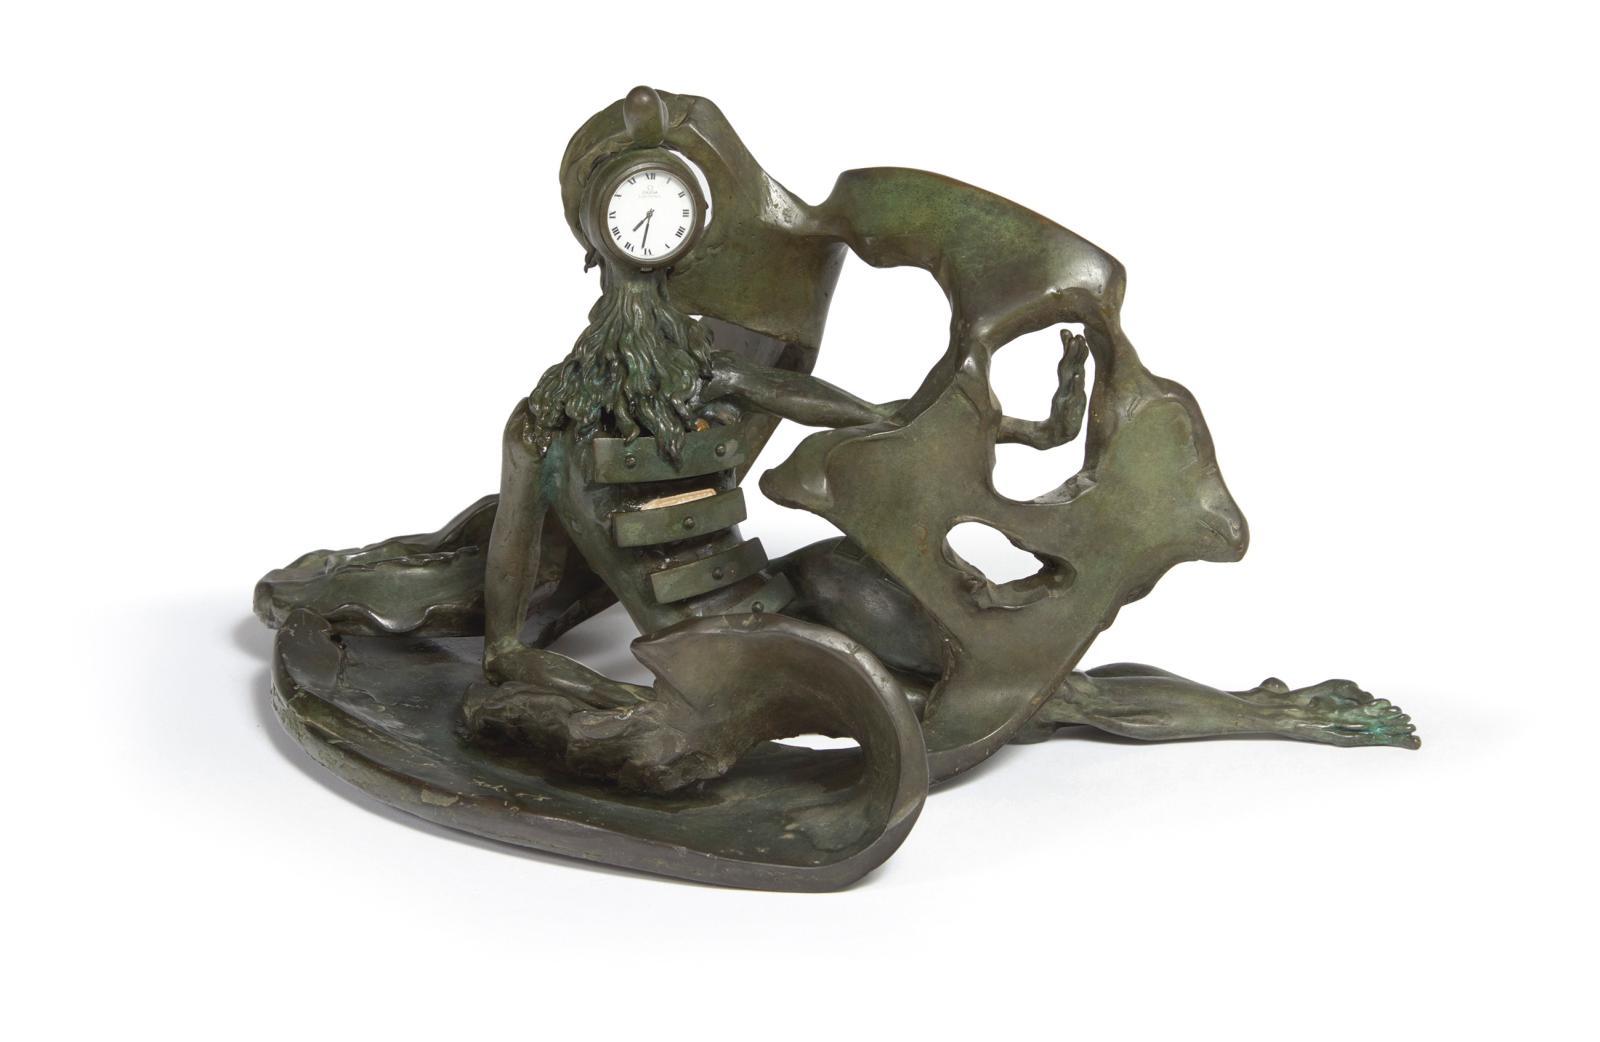 Étrange et sonnante, La Prémonition des tiroirs, une horloge en bronze à patine verte (h.20,5, l.39cm) issue de l'imagination débridée